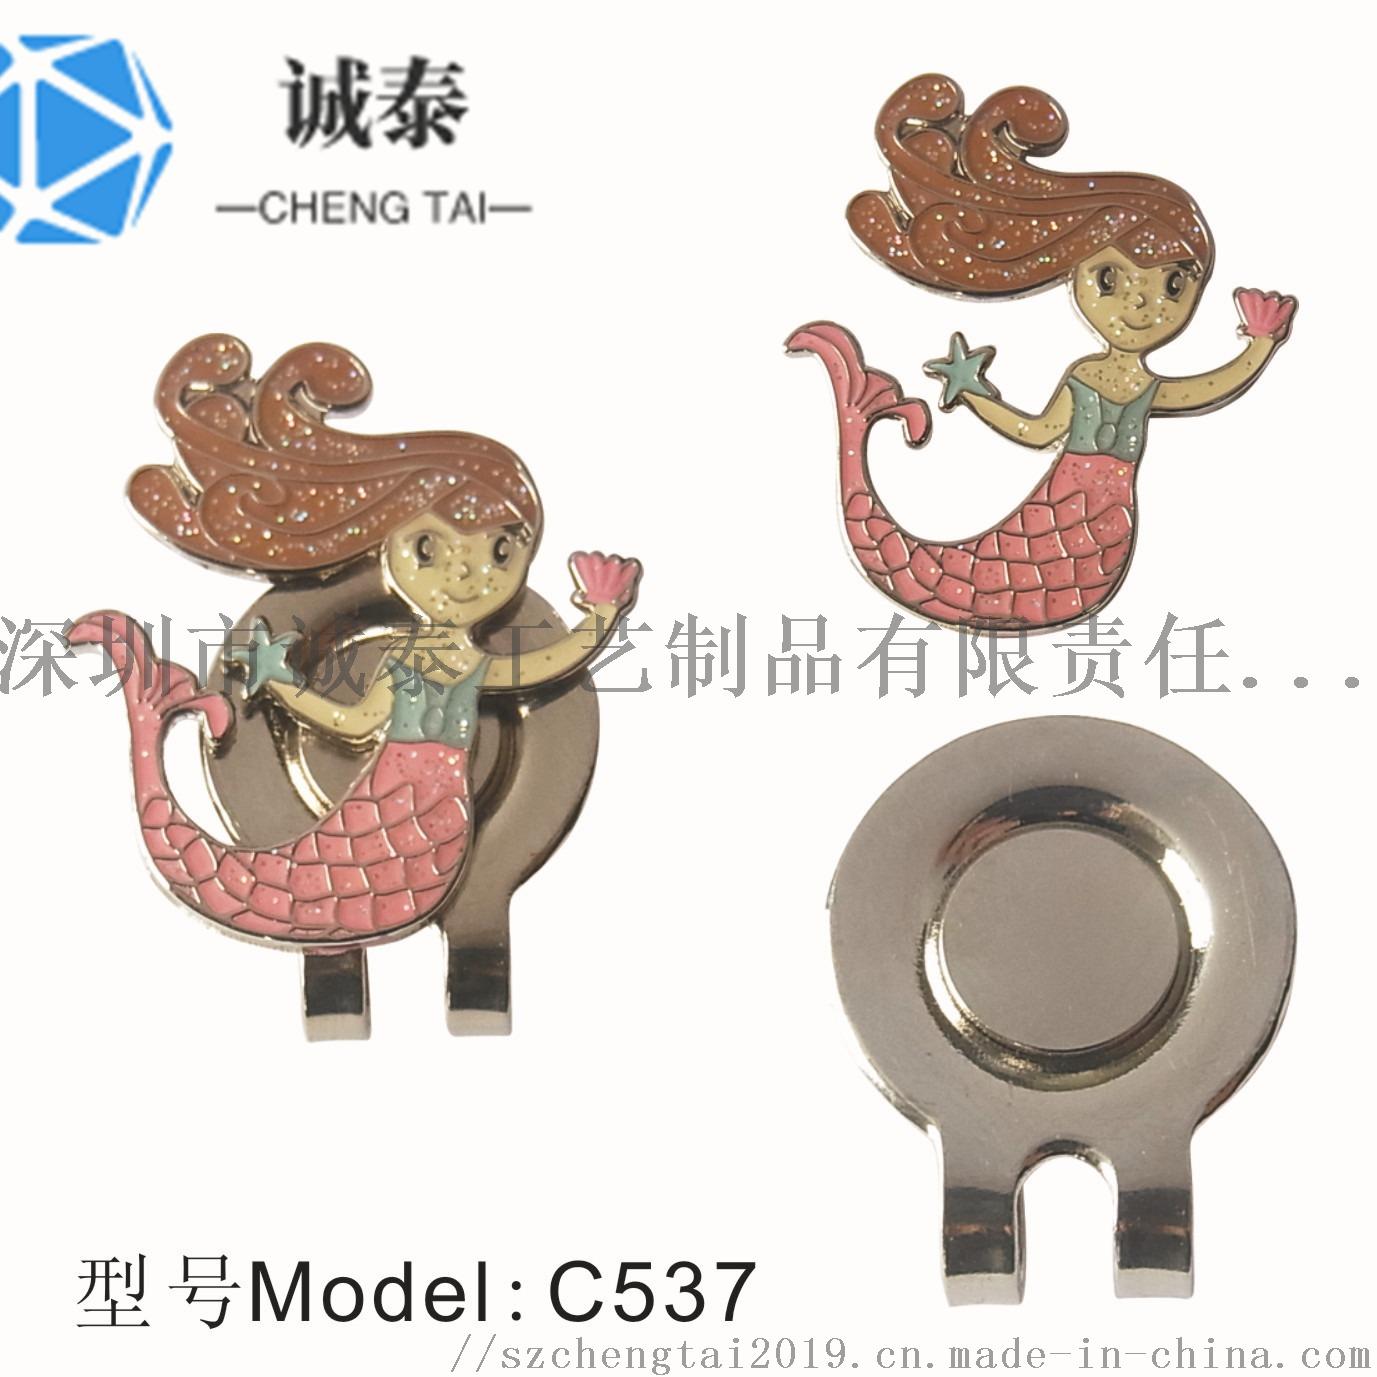 金屬黃色帽夾定製,笑臉帽夾生產,深圳高爾夫磁鐵帽夾114247115